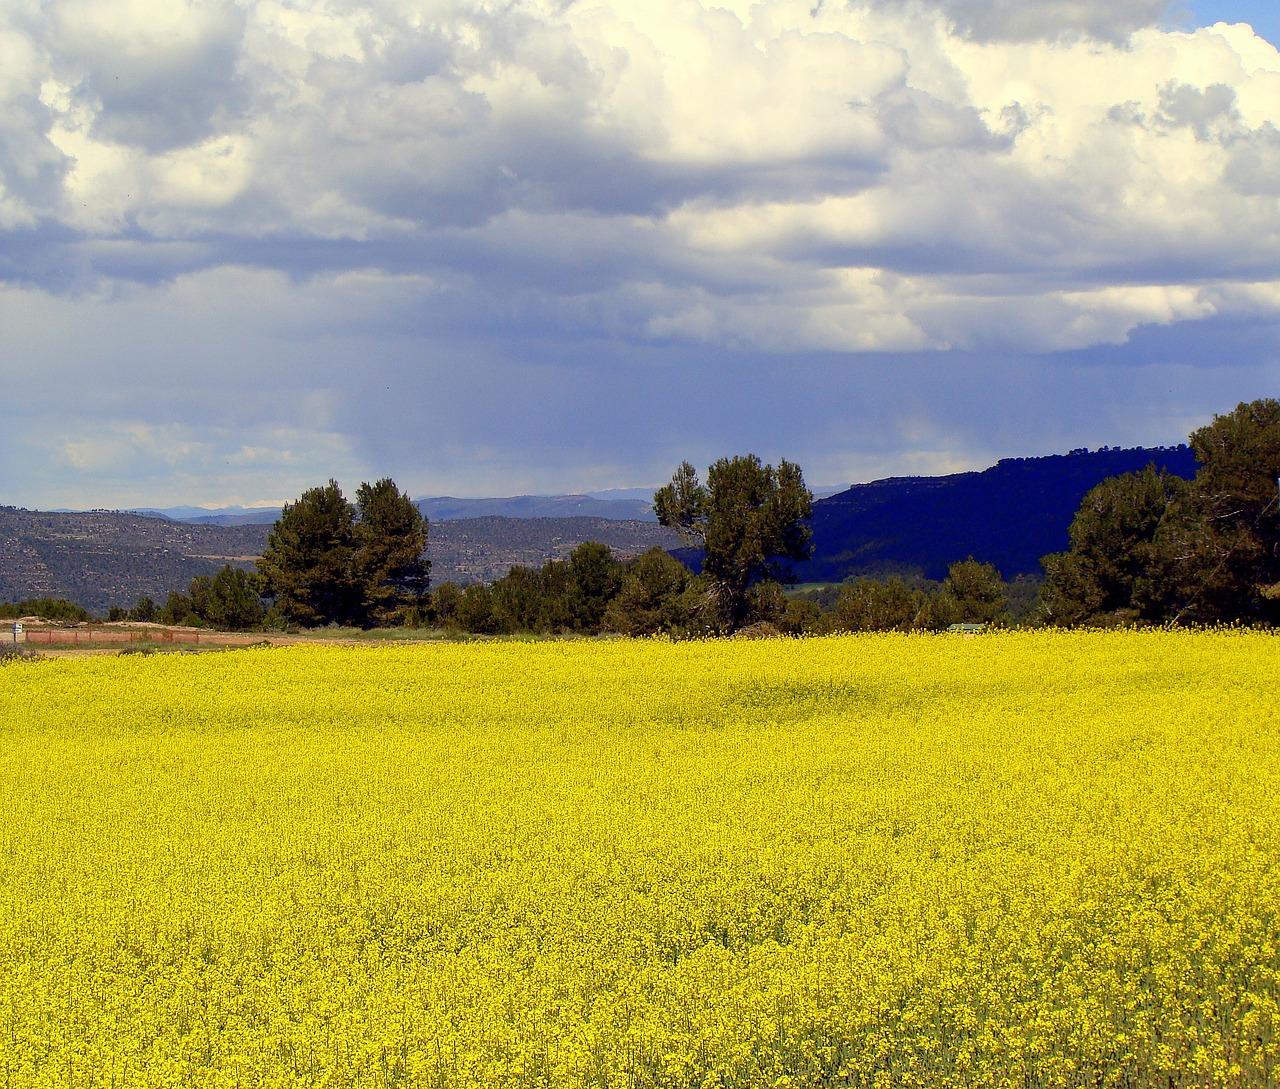 Rapeplantationagricultureplantslandscape Free Photo From